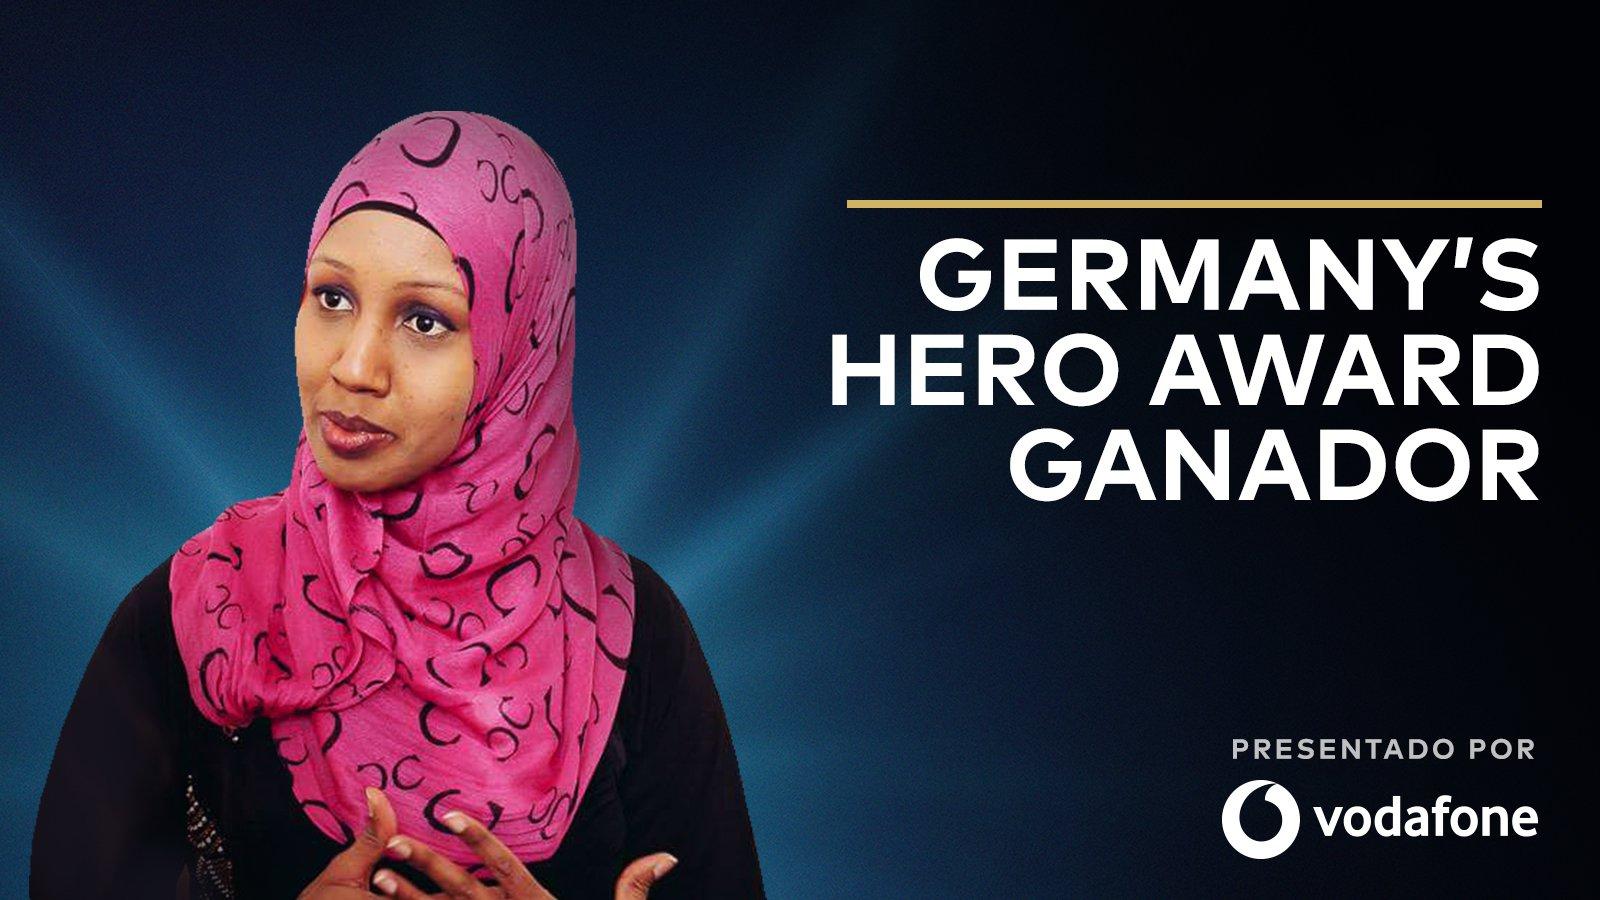 Germany's Hero Award